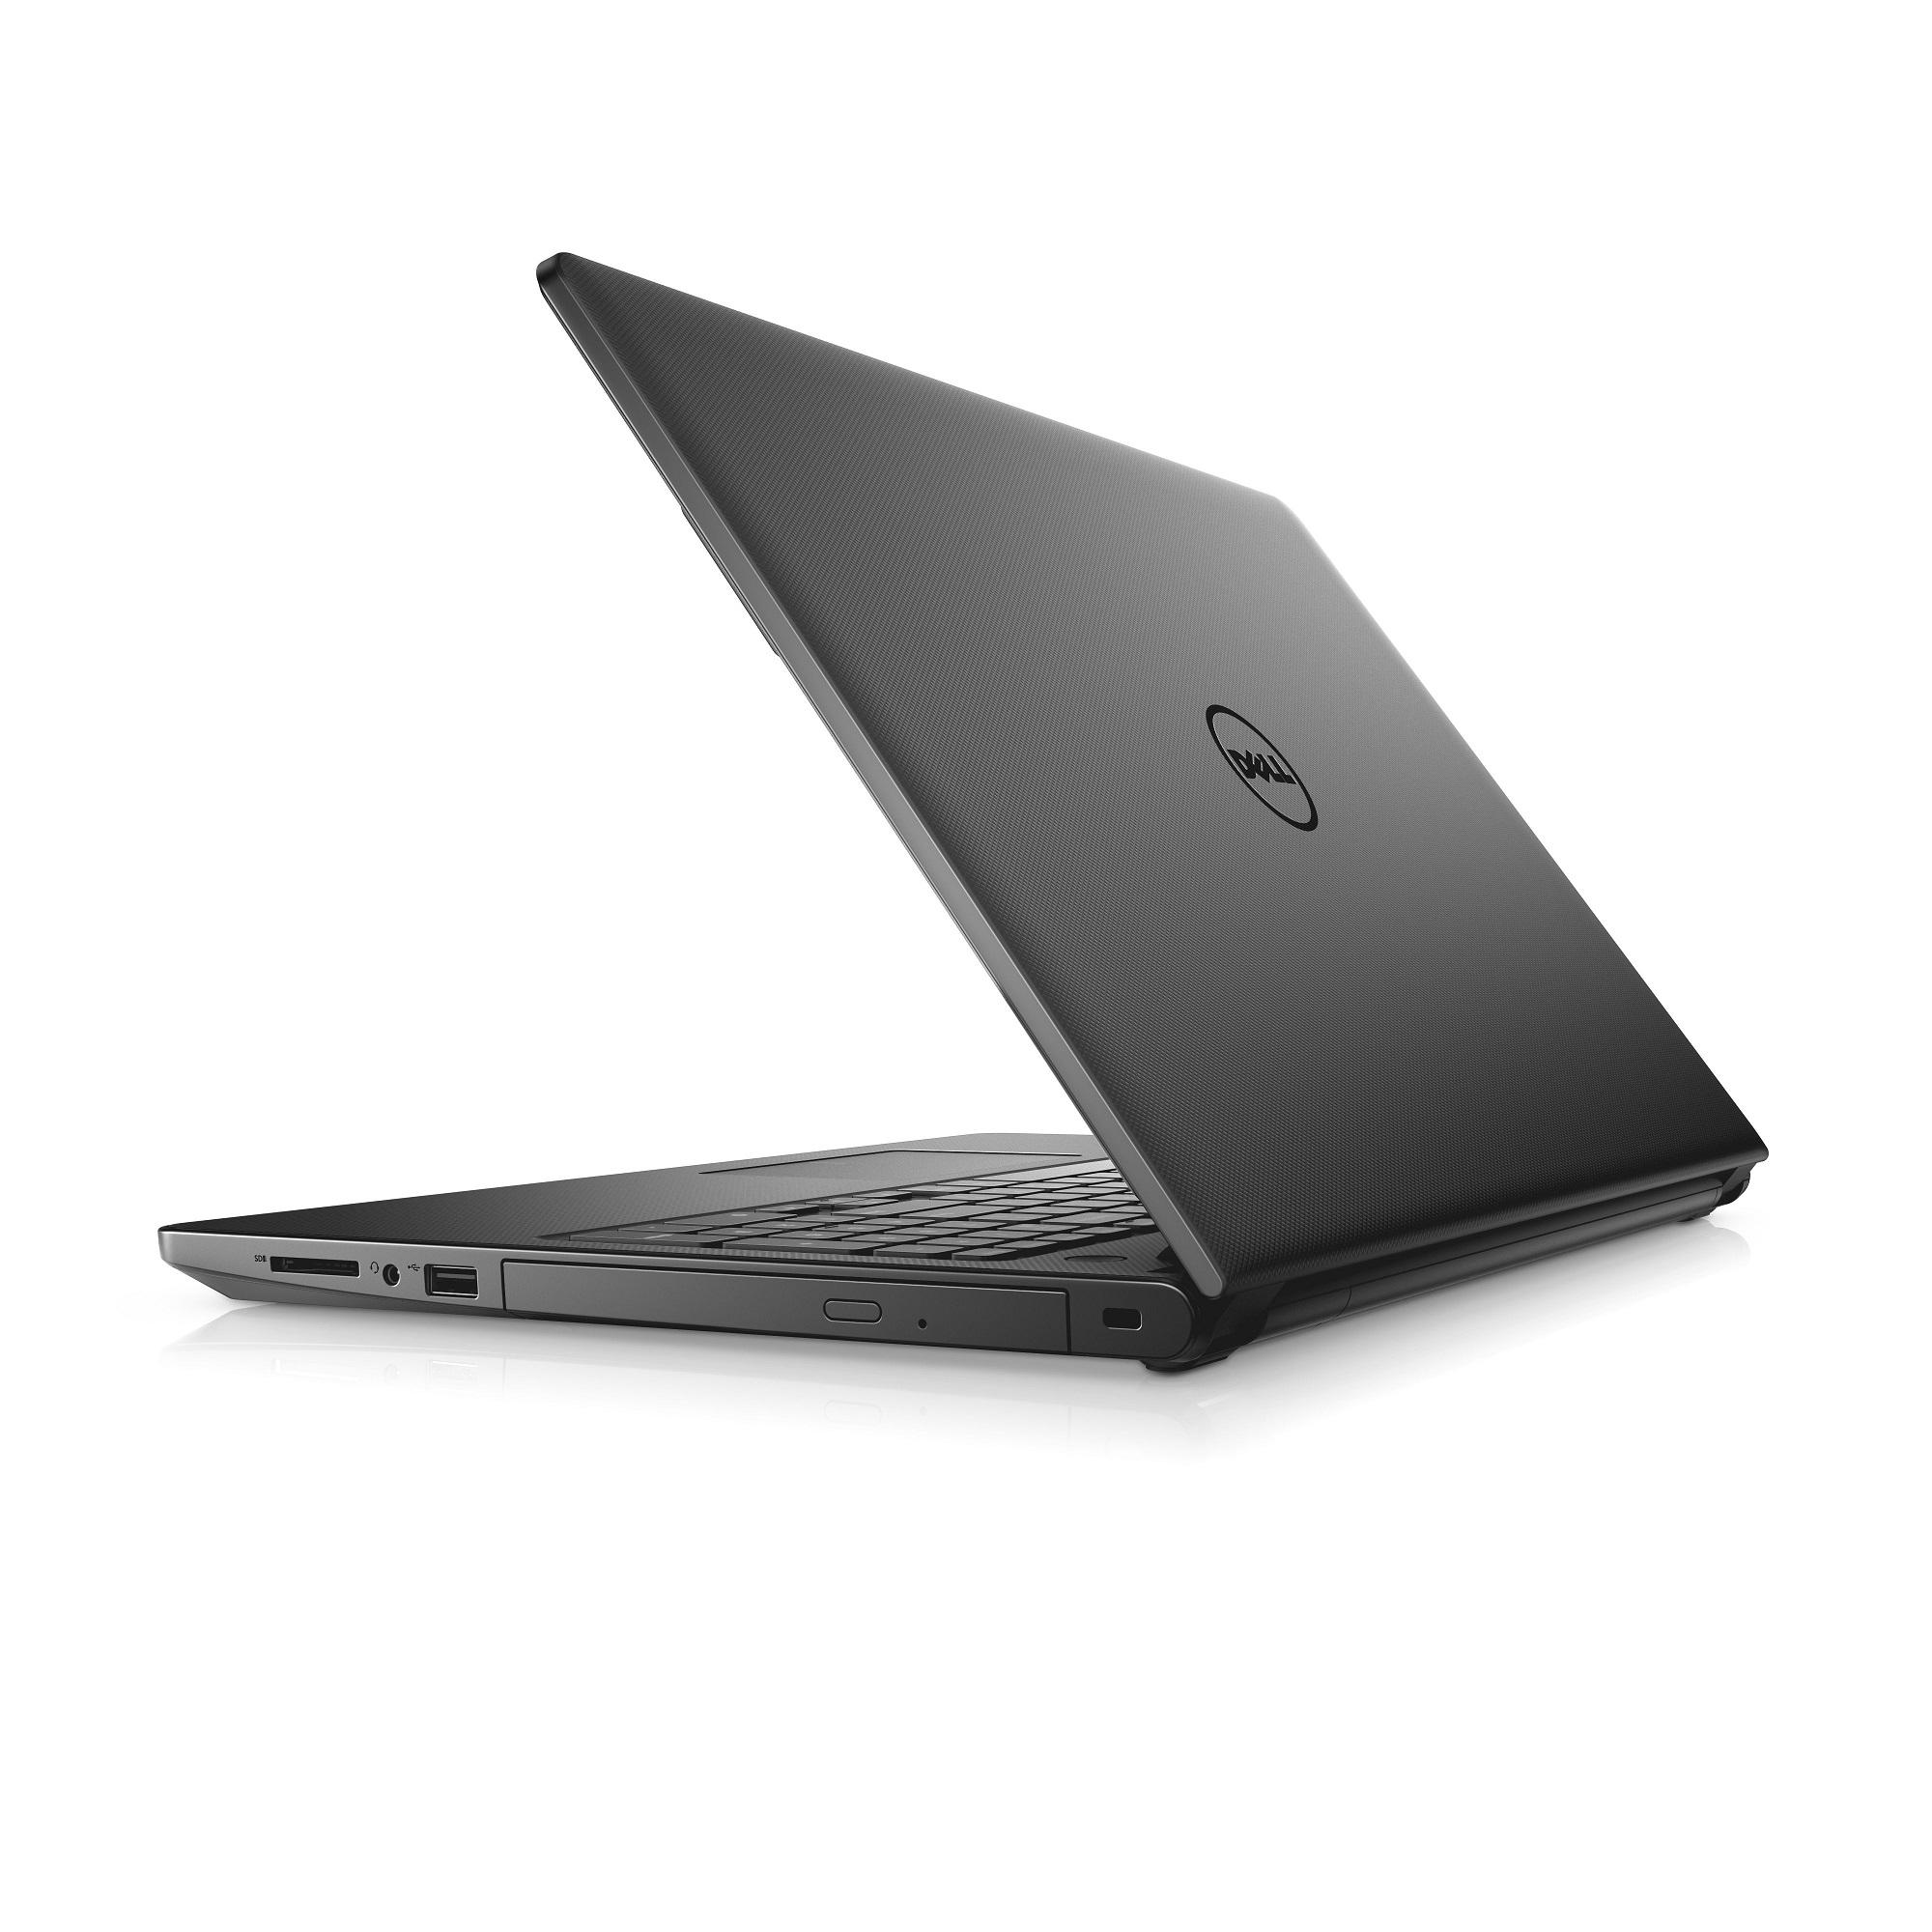 Dell Inspiron 3576 15 FHD i7-8550U/8G/256GB SSD/520-2GB/MCR/HDMI/DVD/W10/2RNBD/Černý